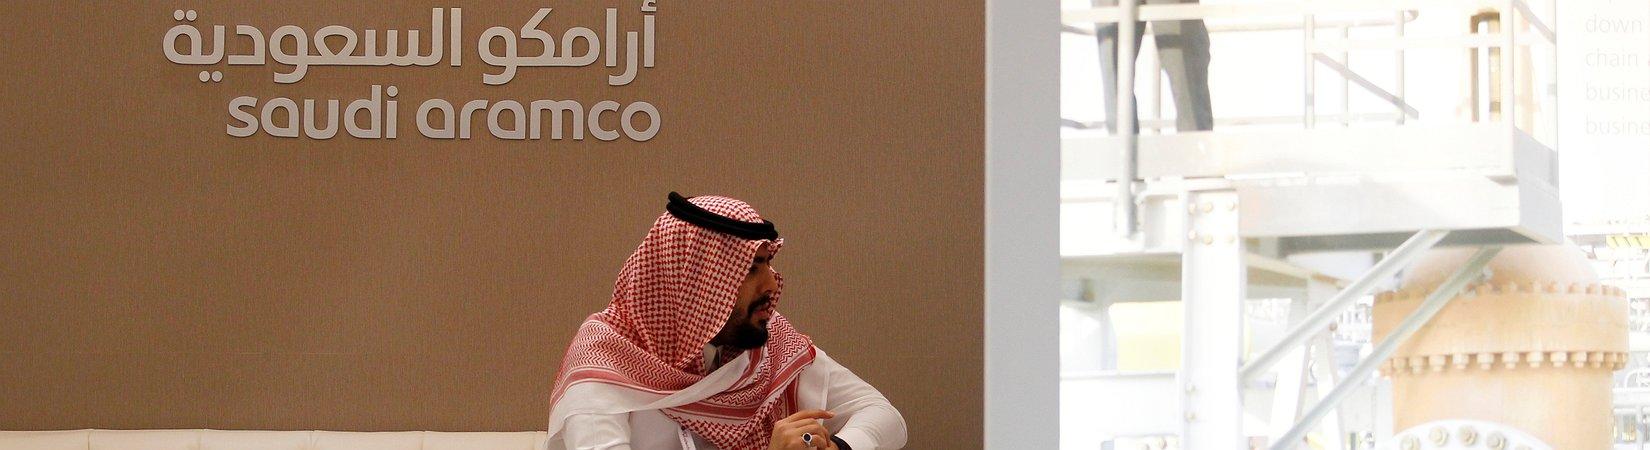 لماذا سيؤدي افتتاح الاكتتاب العام على أسهم أرامكو  لغلاء النفط